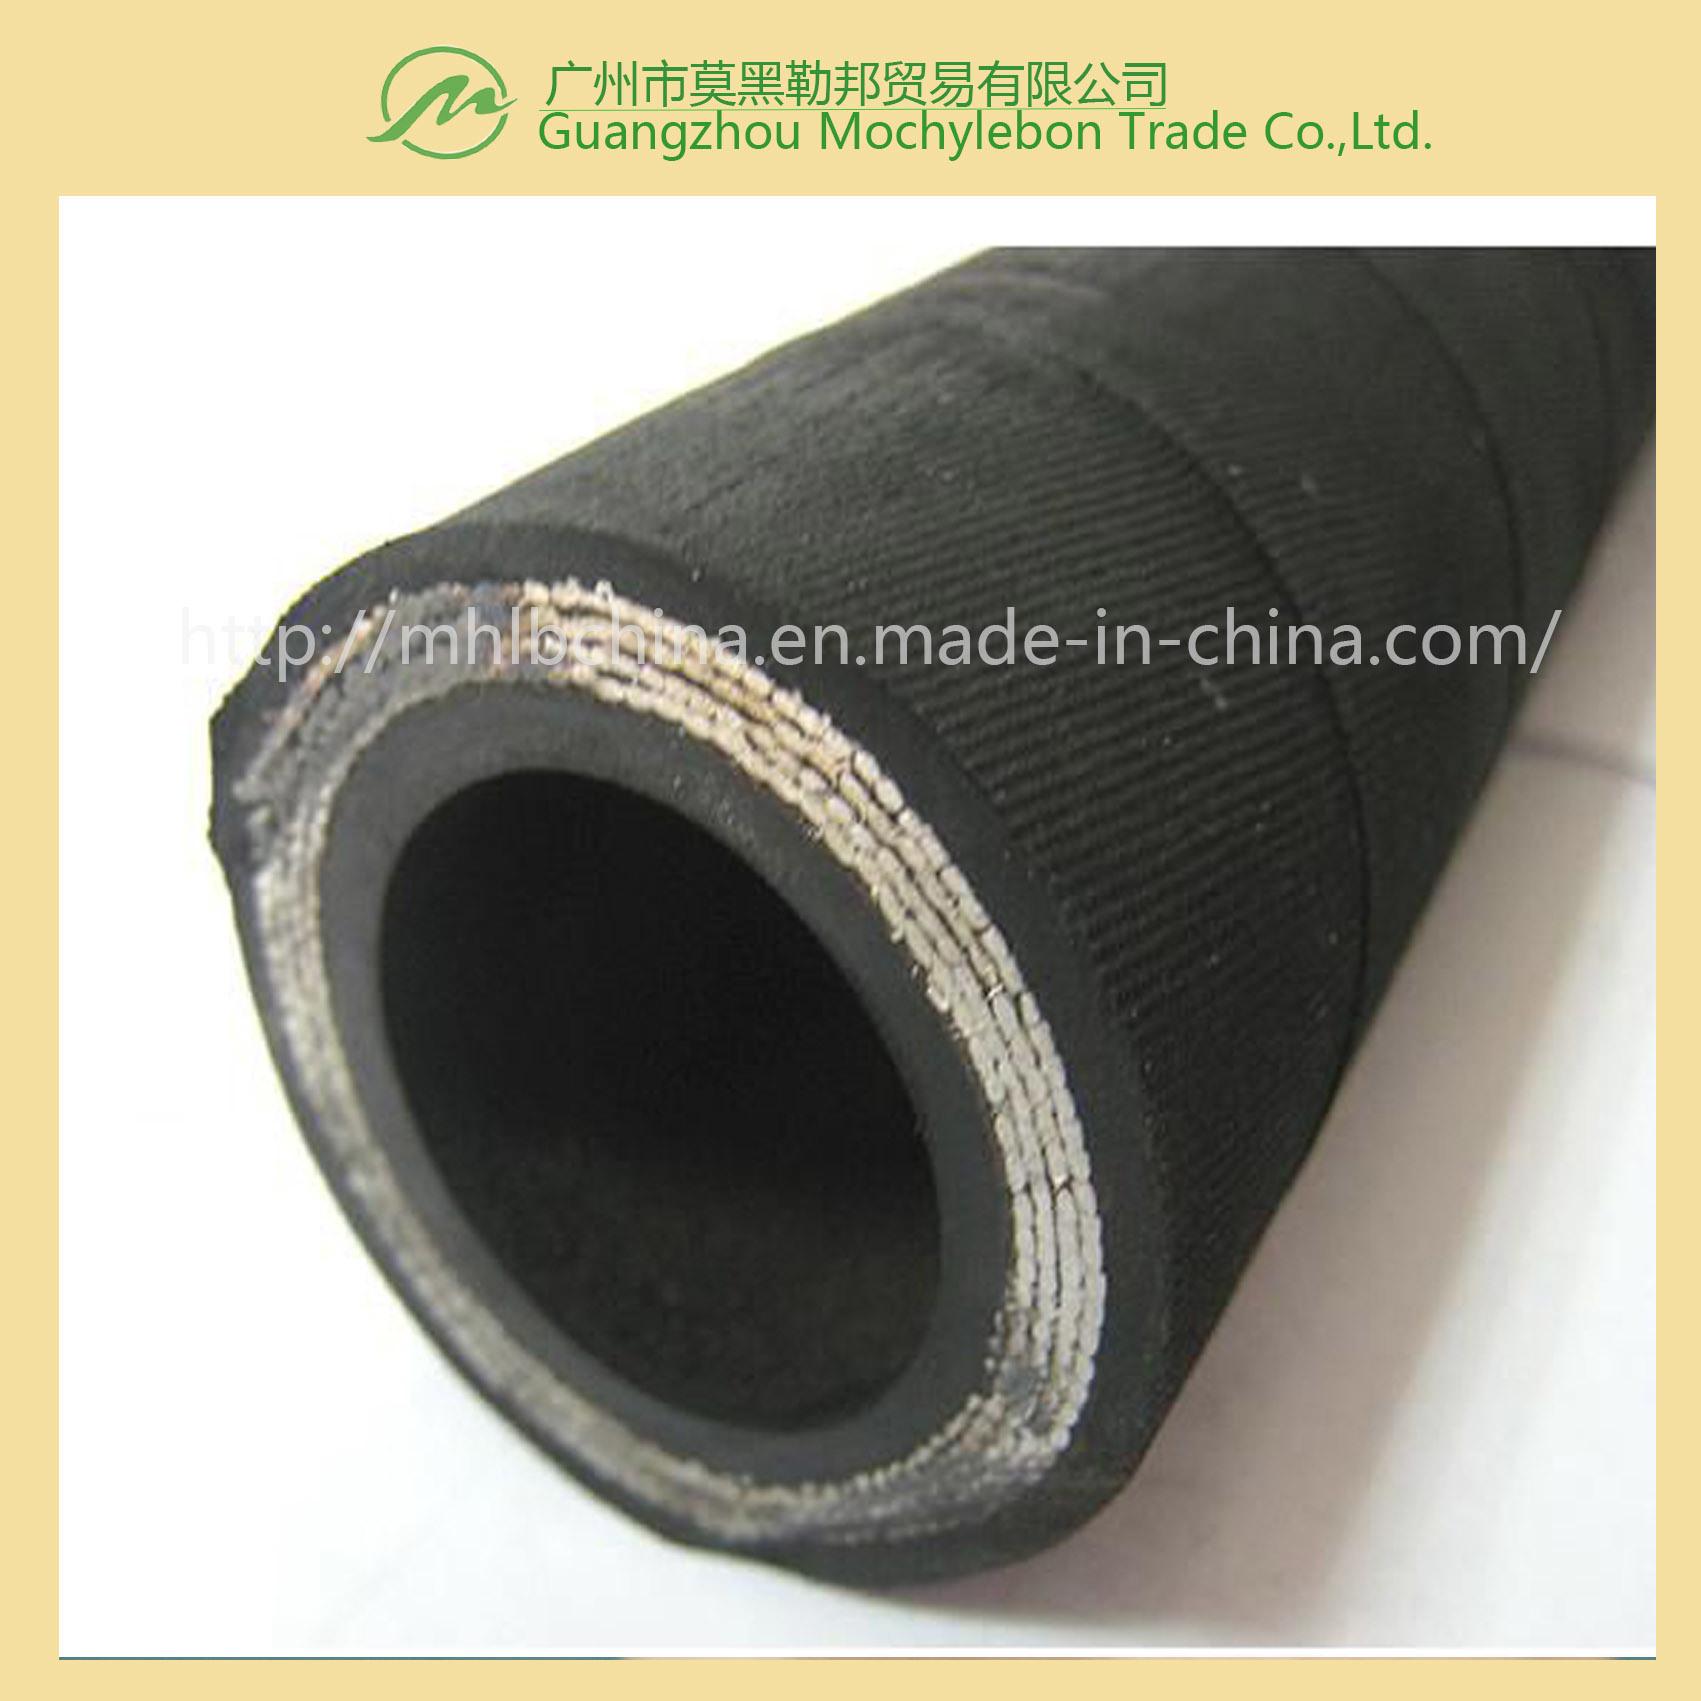 Wire Spiral Hydraulic Hose (EN856-4SP-1/2)